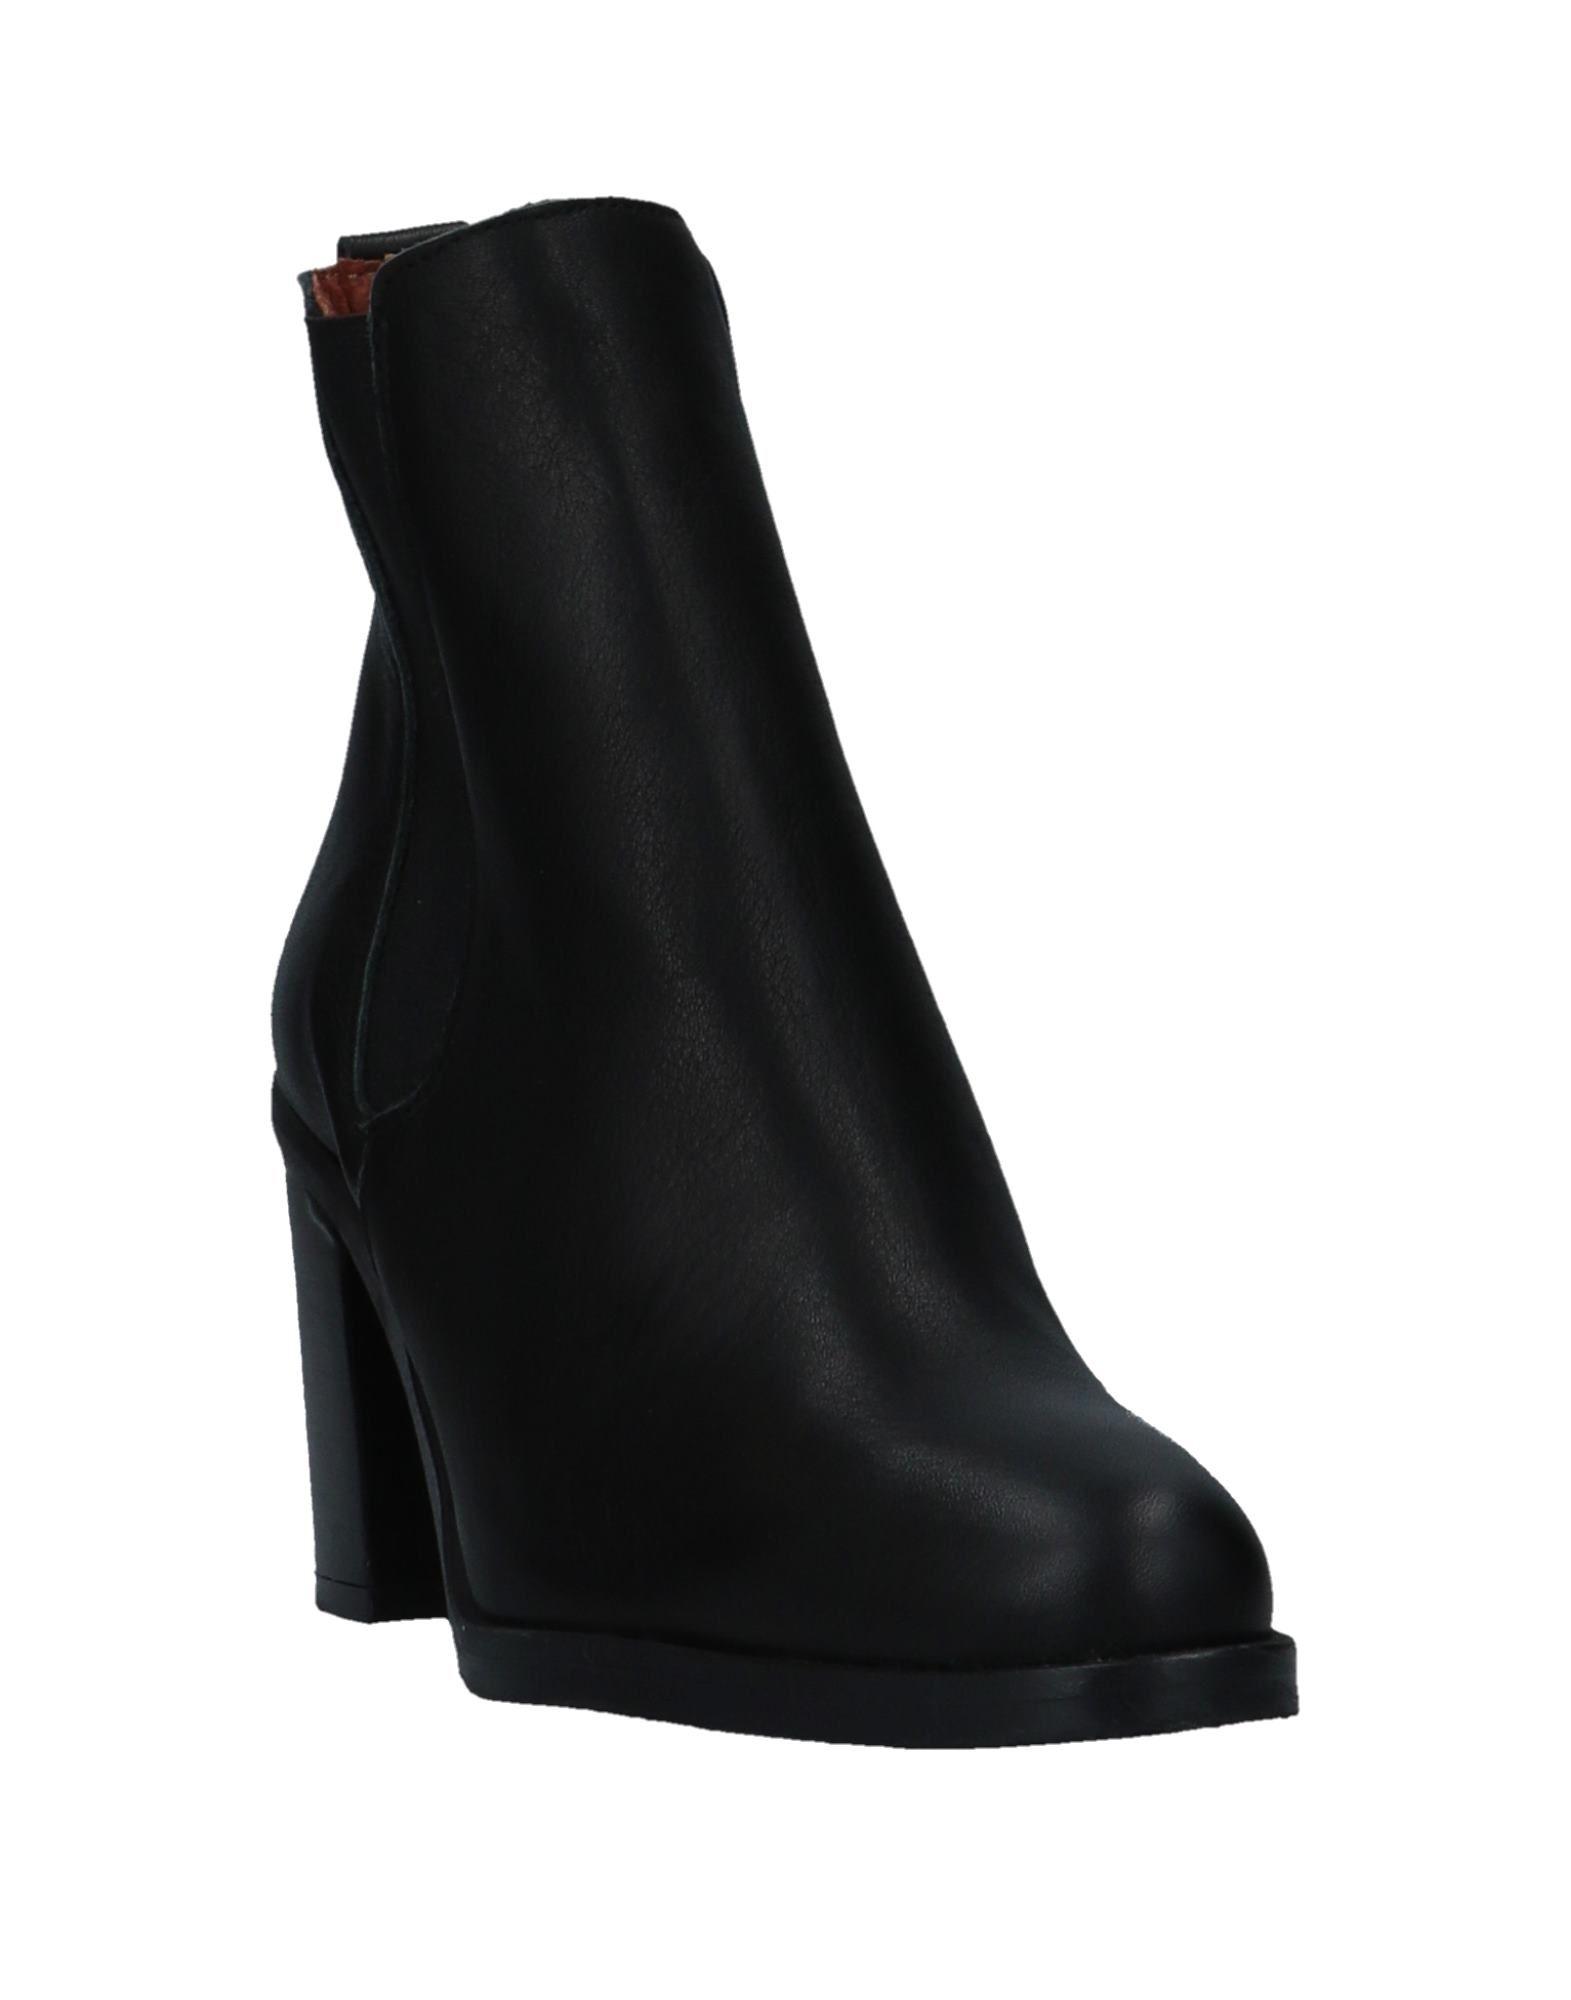 67 Sixtyseven Chelsea Boots Damen  11541475EU Gute Qualität beliebte beliebte beliebte Schuhe 951185